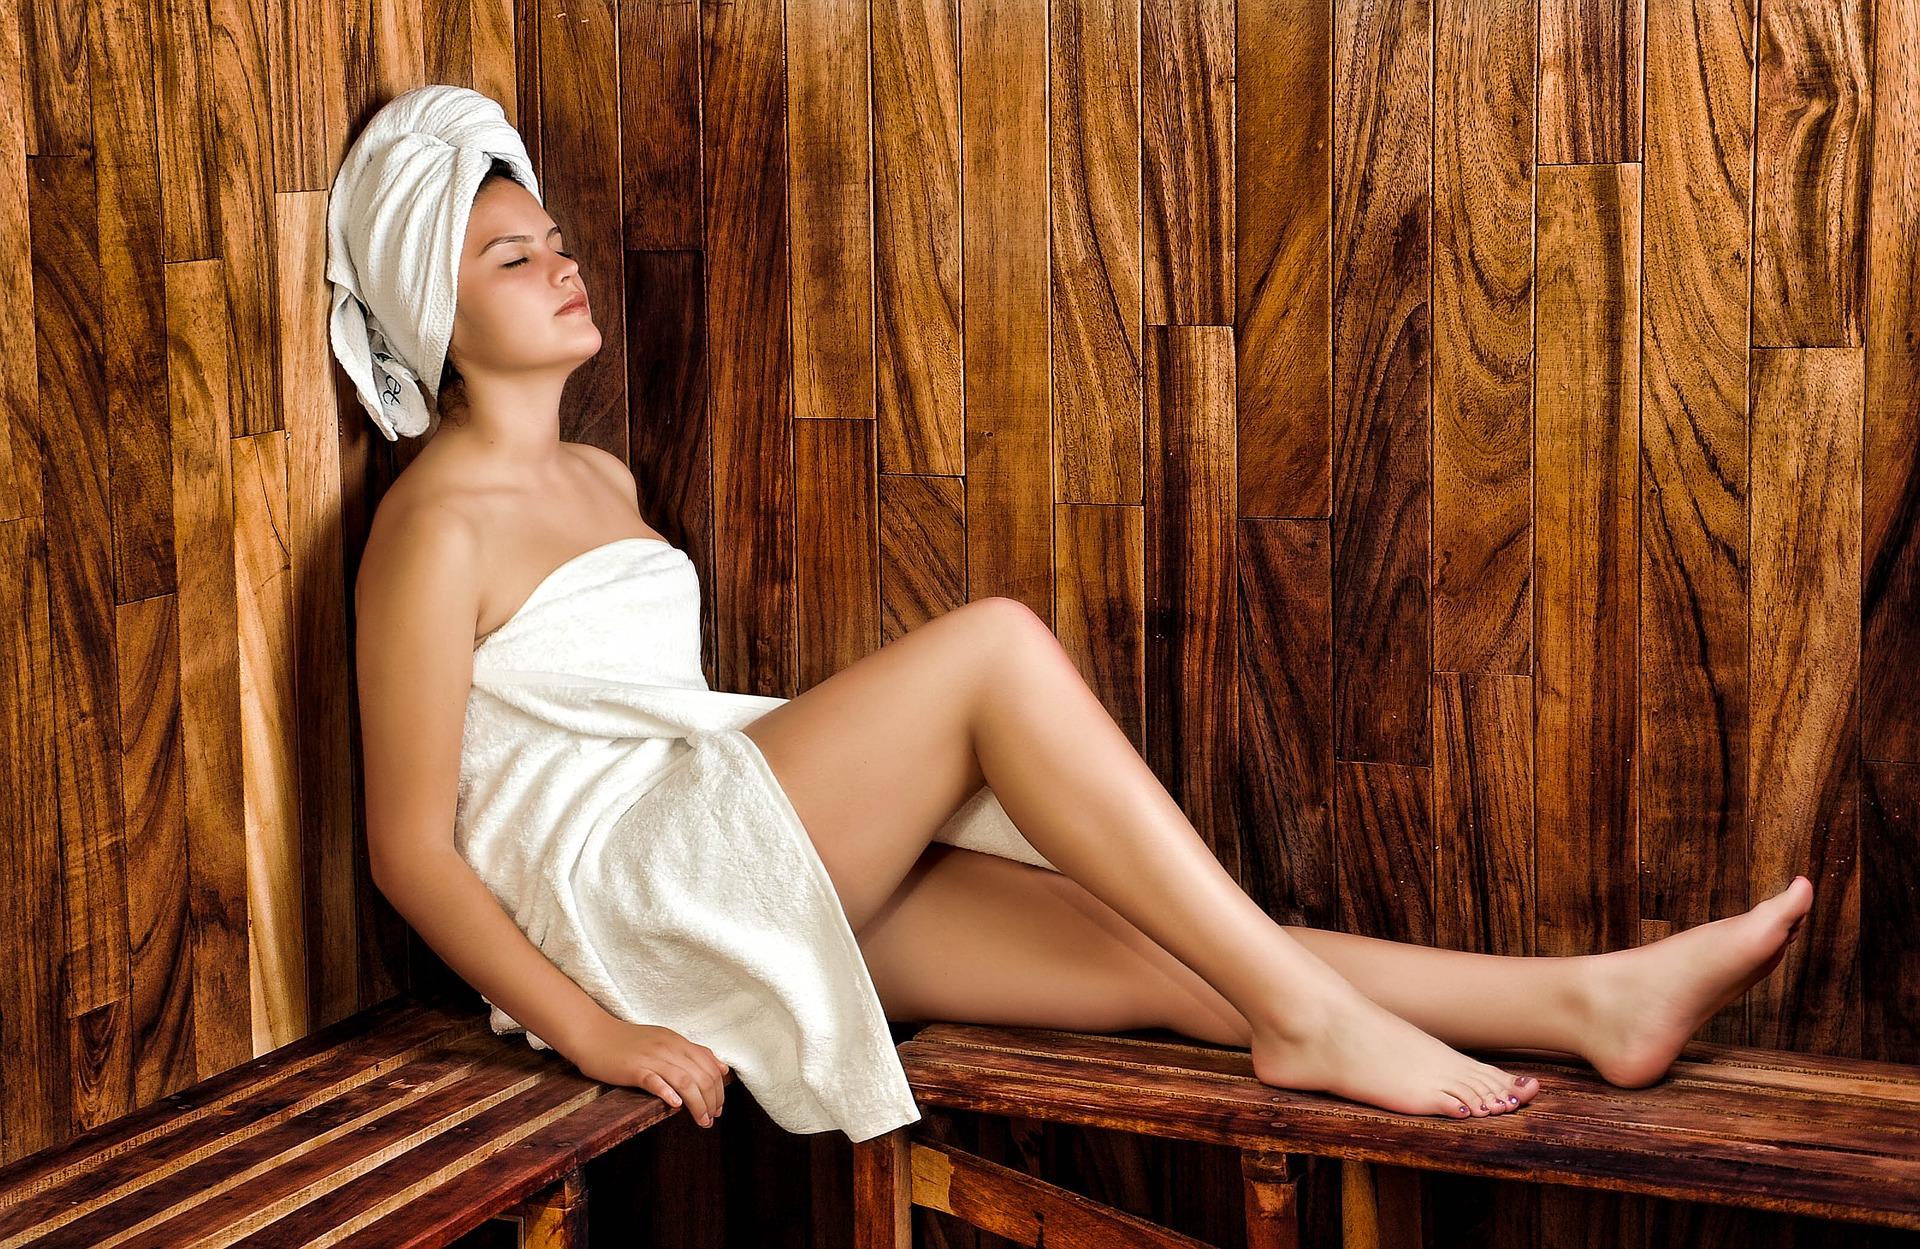 vrouw in sauna wellness